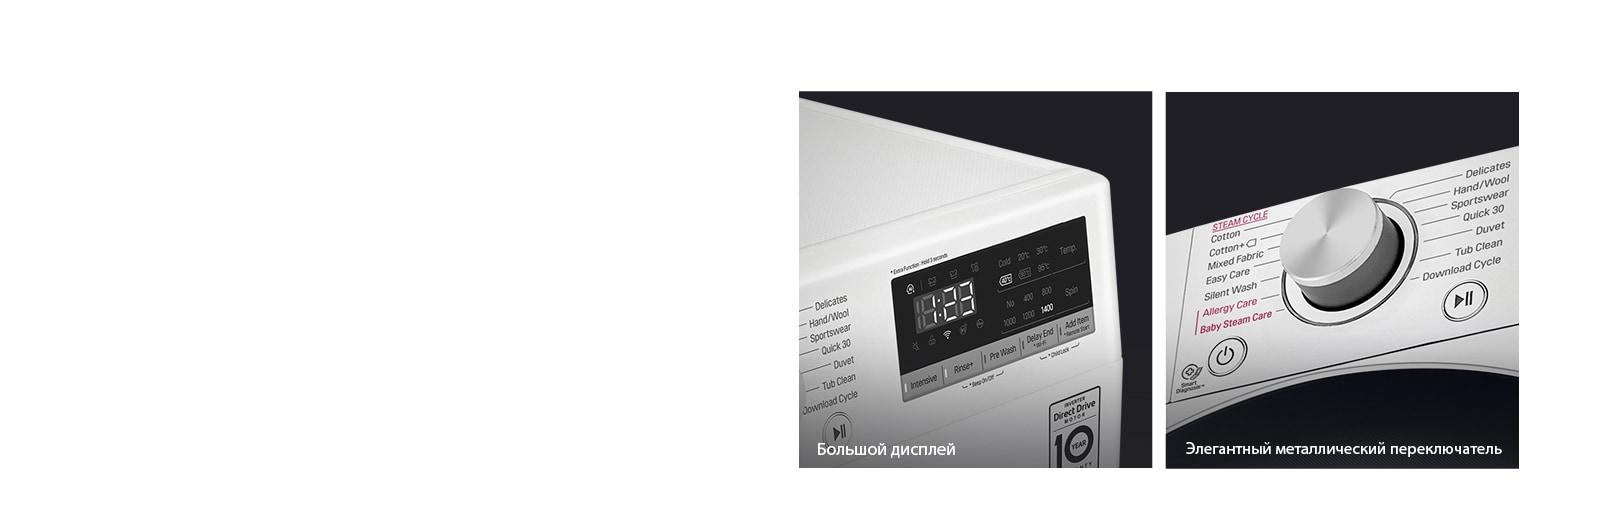 Стиральная машина LG Современный и практичный дизайн